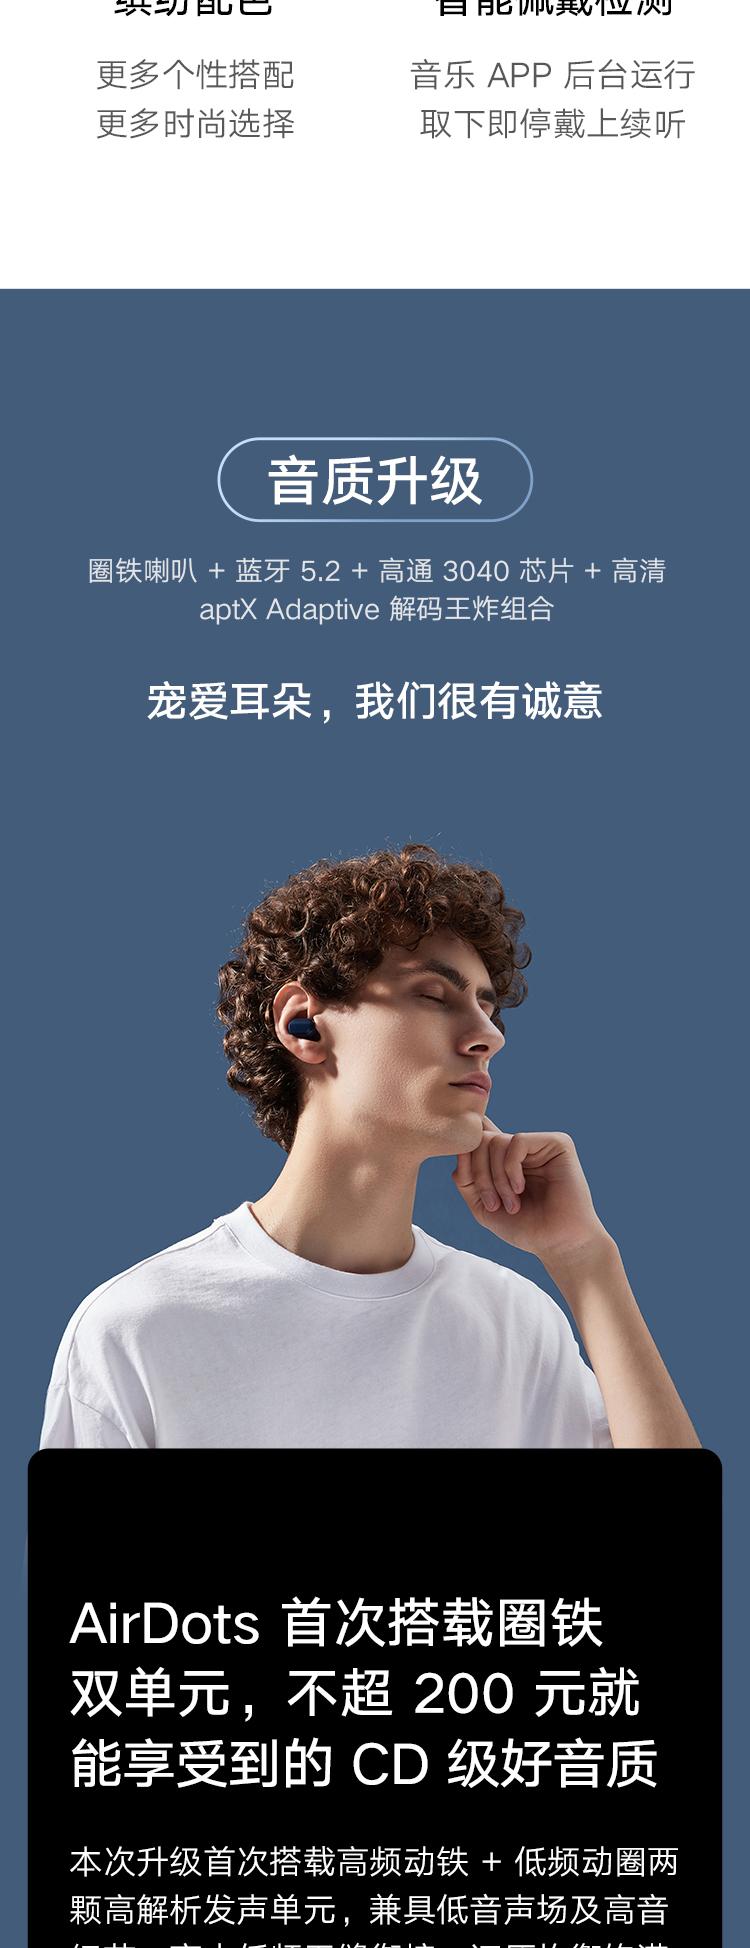 Redmi AirDots 3 真无线蓝牙耳机 蓝牙5.2 动圈动铁双单元 超长续航 分体式耳机 收纳充电盒 小米耳机 星空蓝